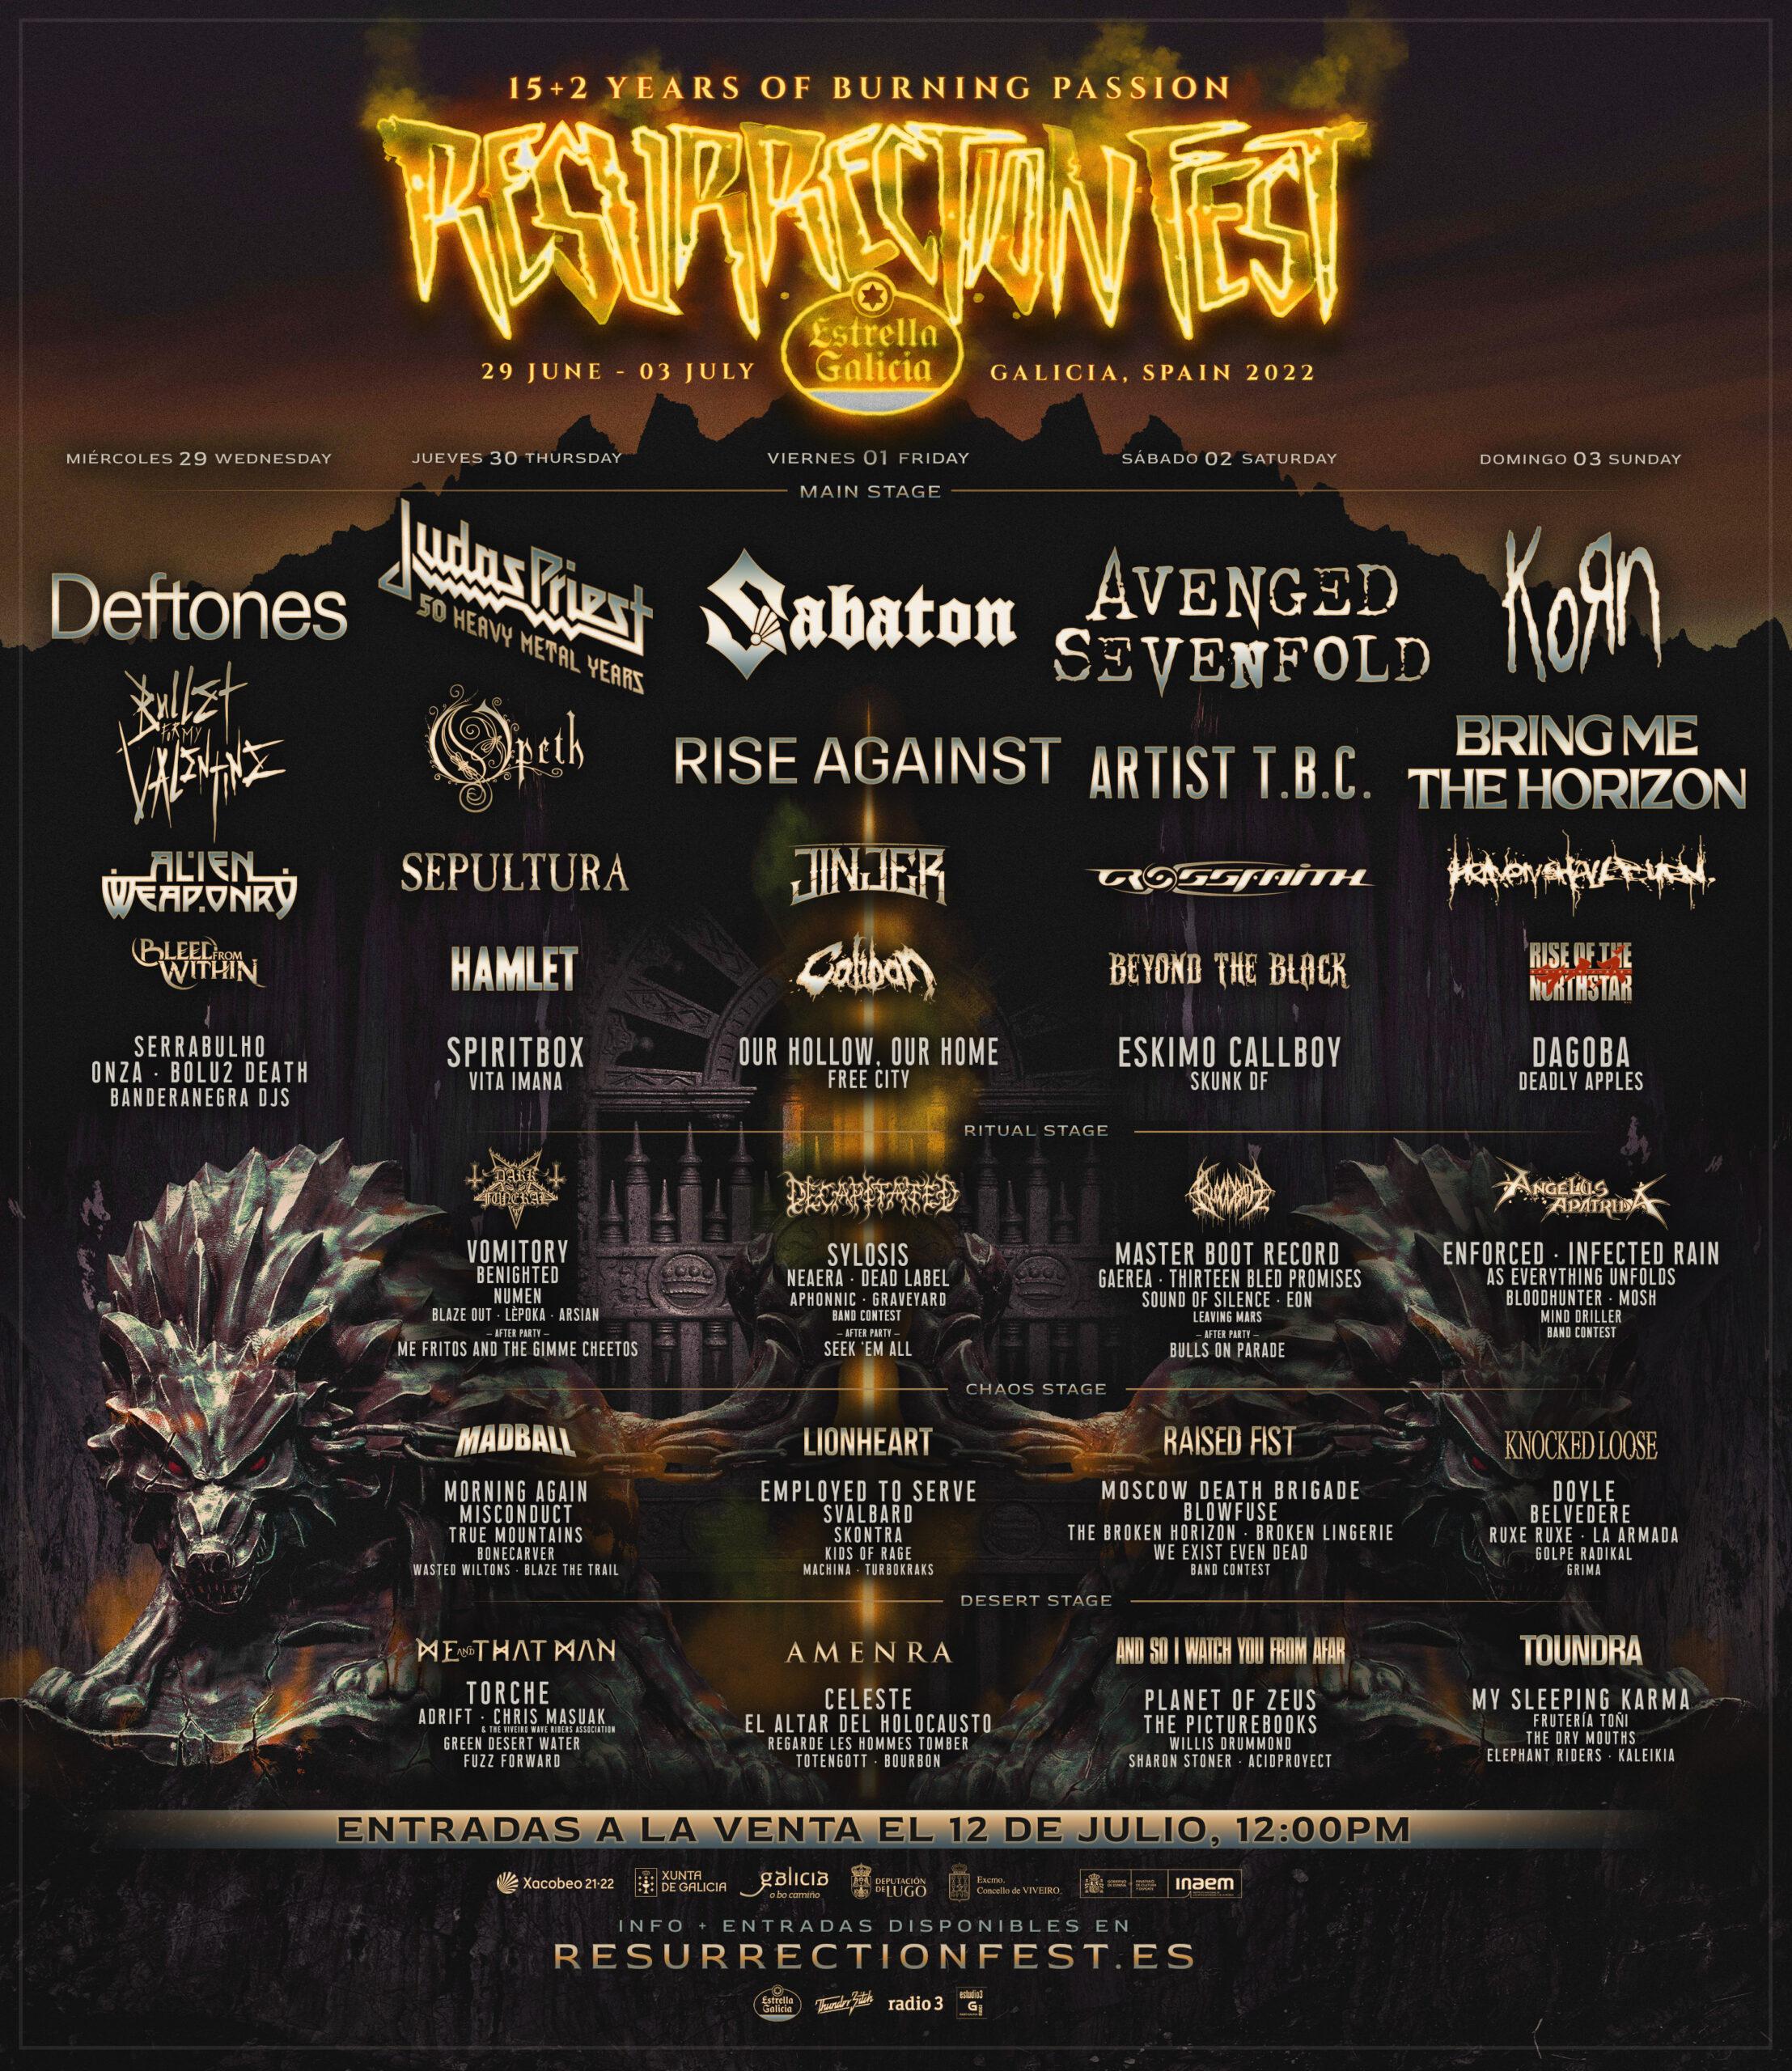 Agenda de giras, conciertos y festivales - Página 9 Resurrection-Fest-2022-Poster-1-scaled